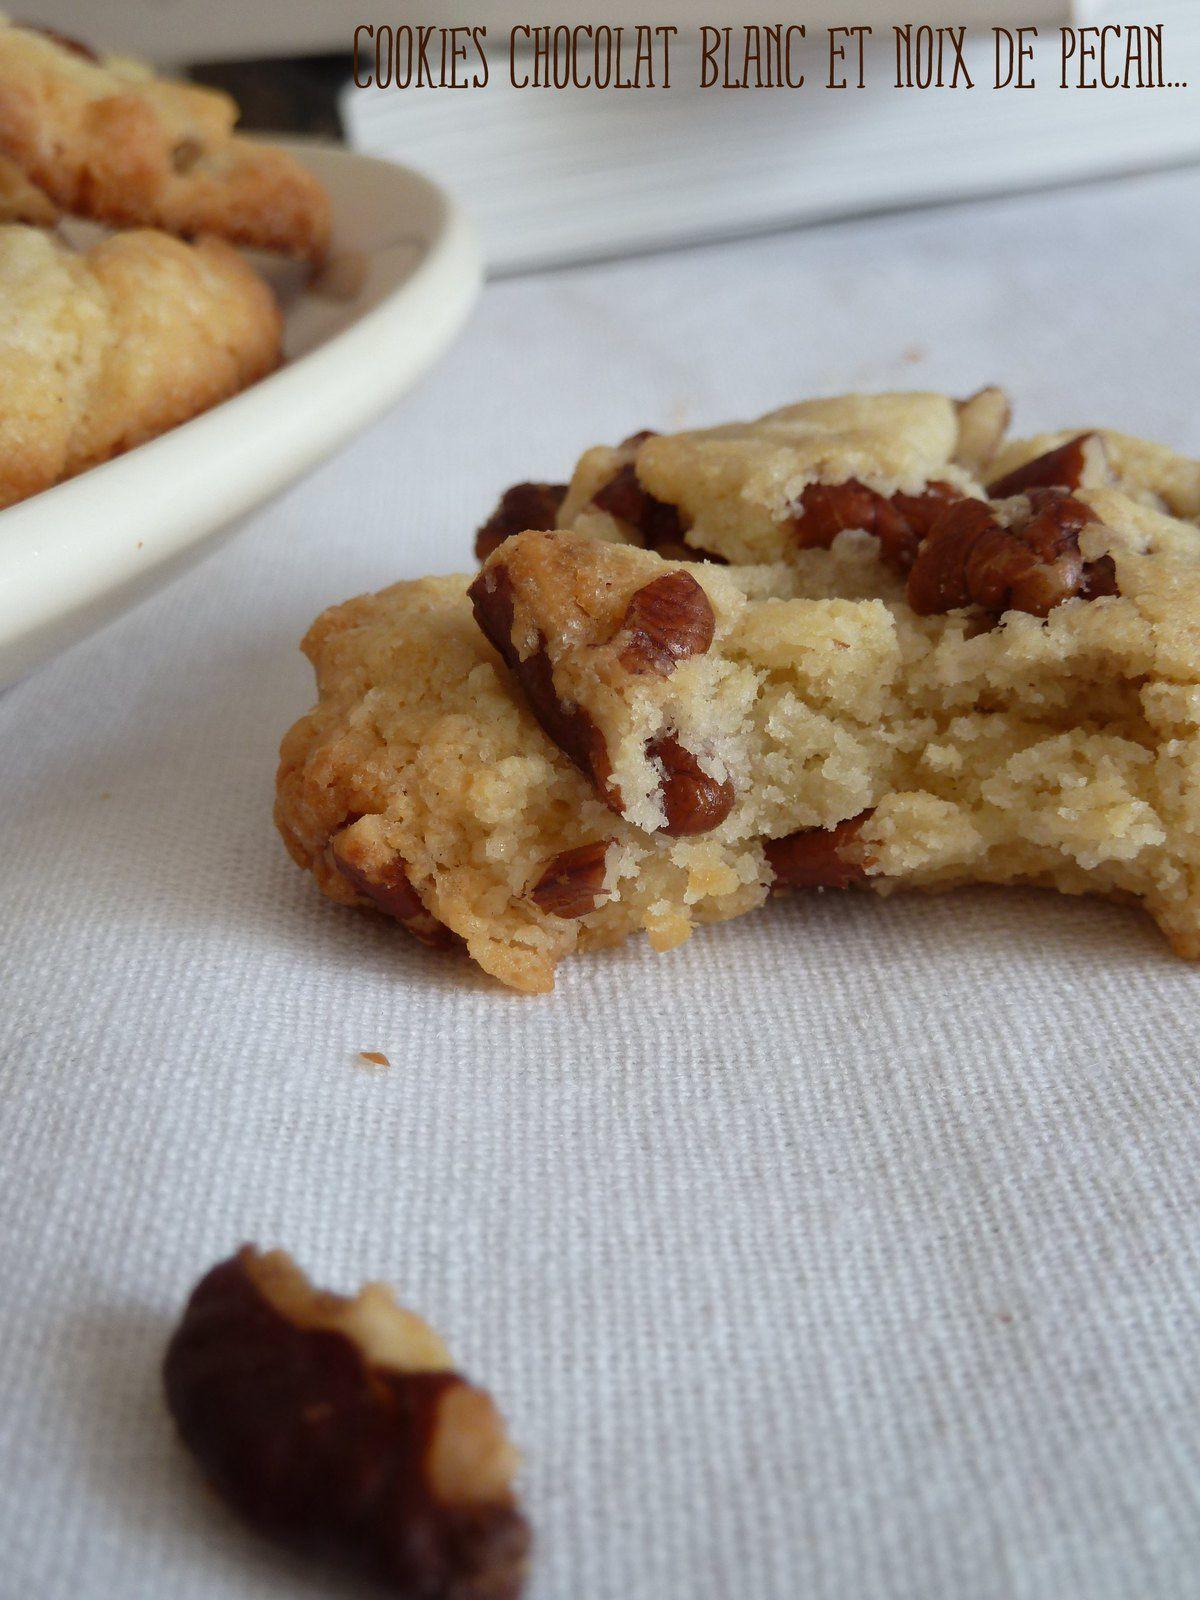 Cookies chocolat blanc et noix de pécan